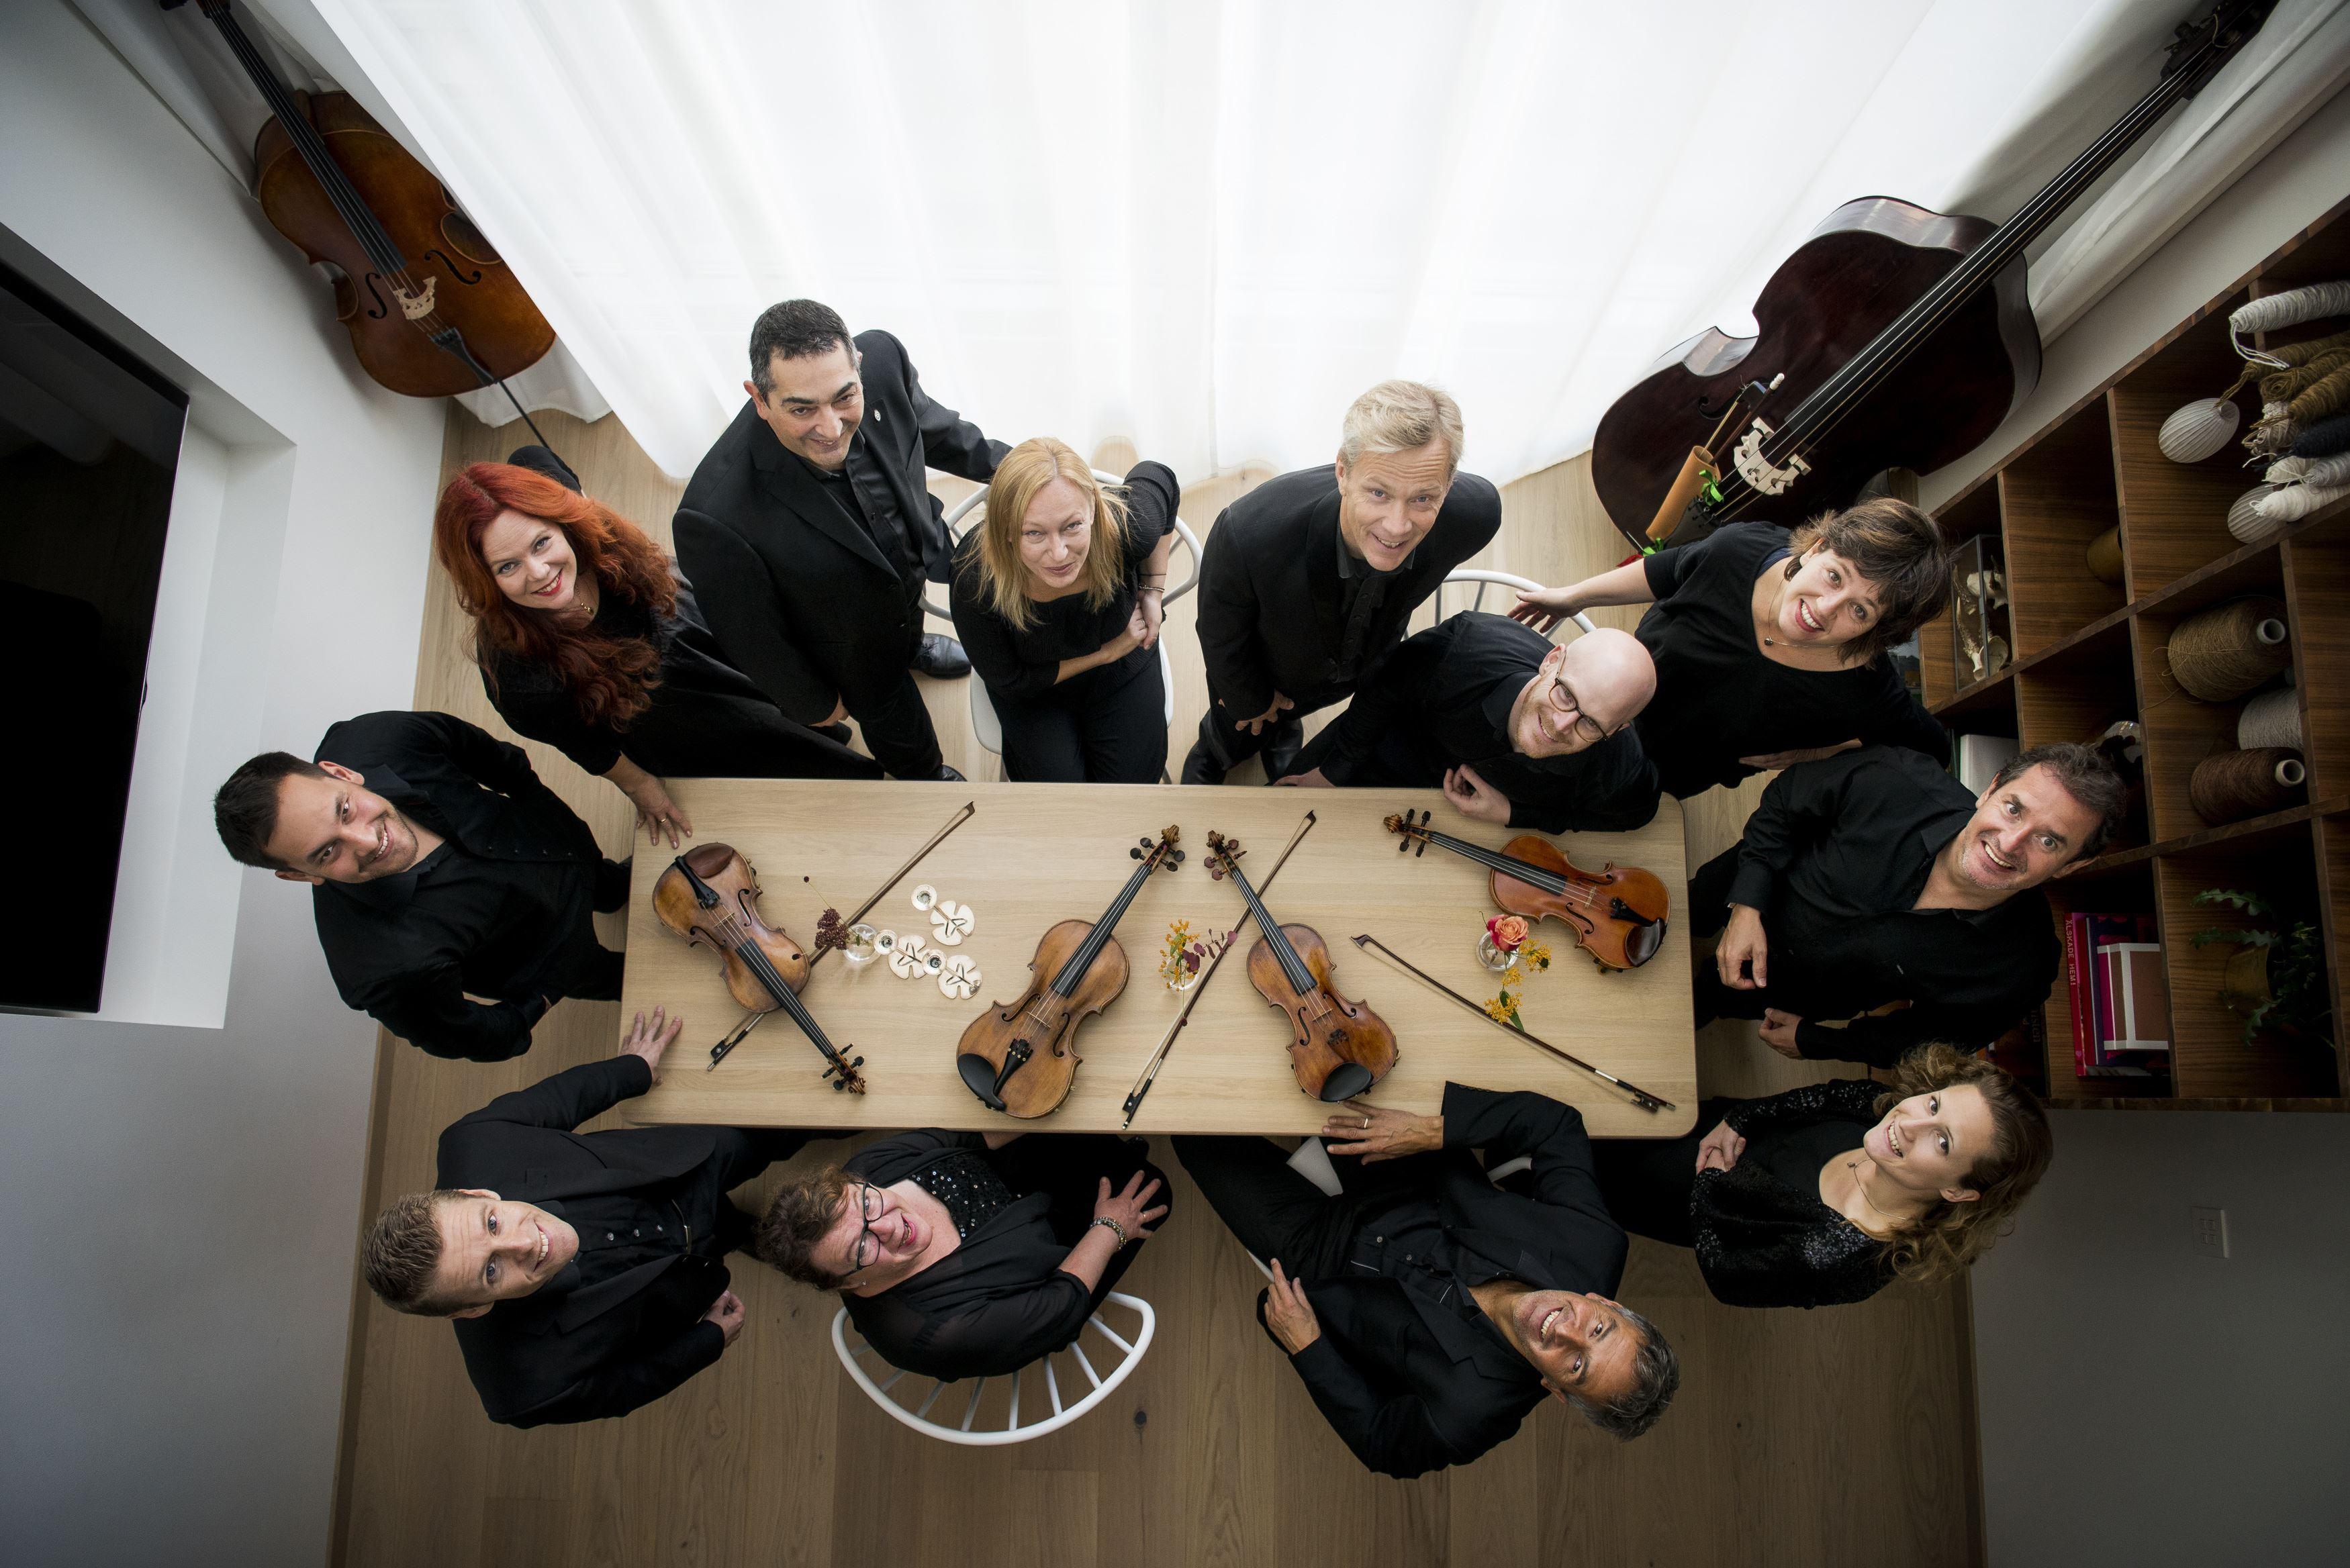 Musik: Kulturnatt Tid för jazz - Musica vitae och Jan Lundgren Trio